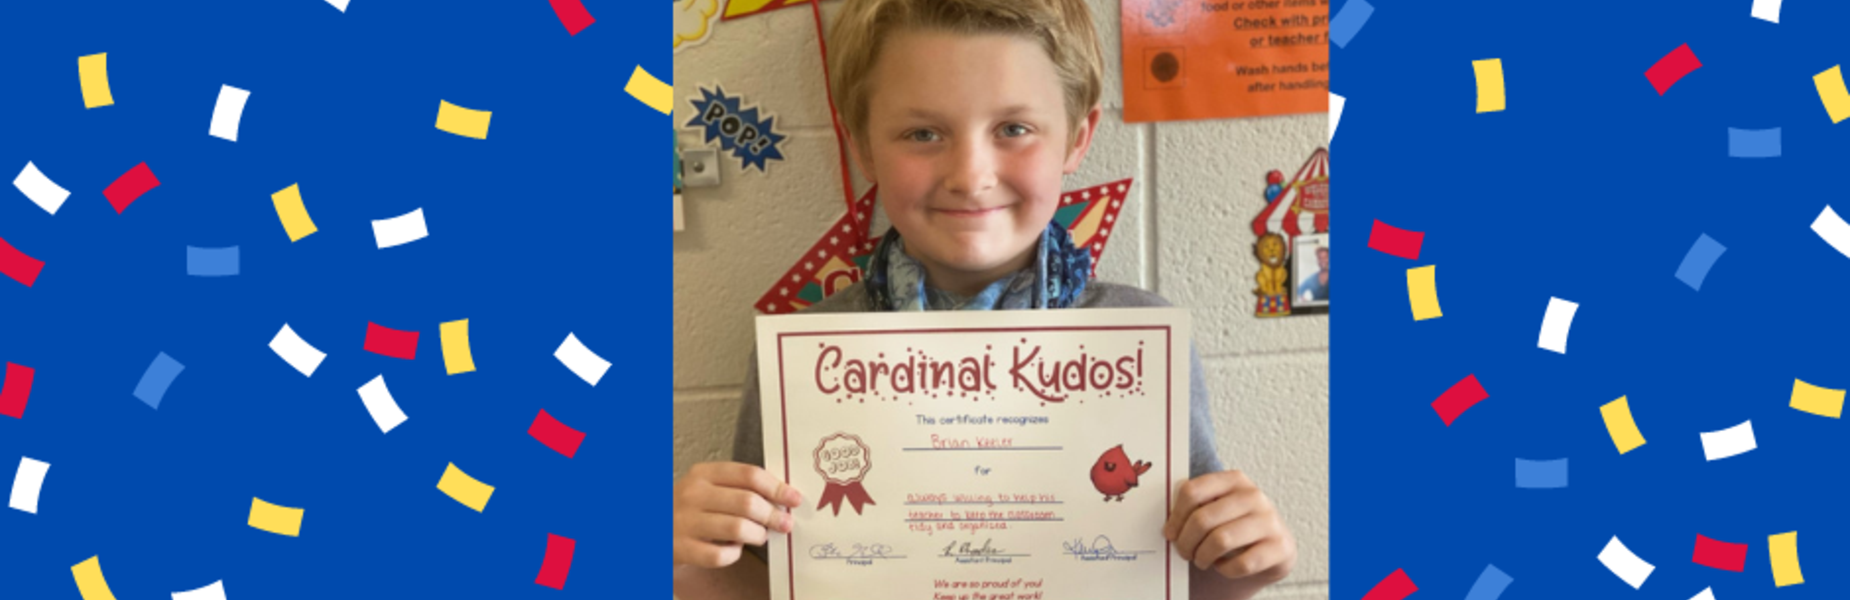 Cardinal Kudos